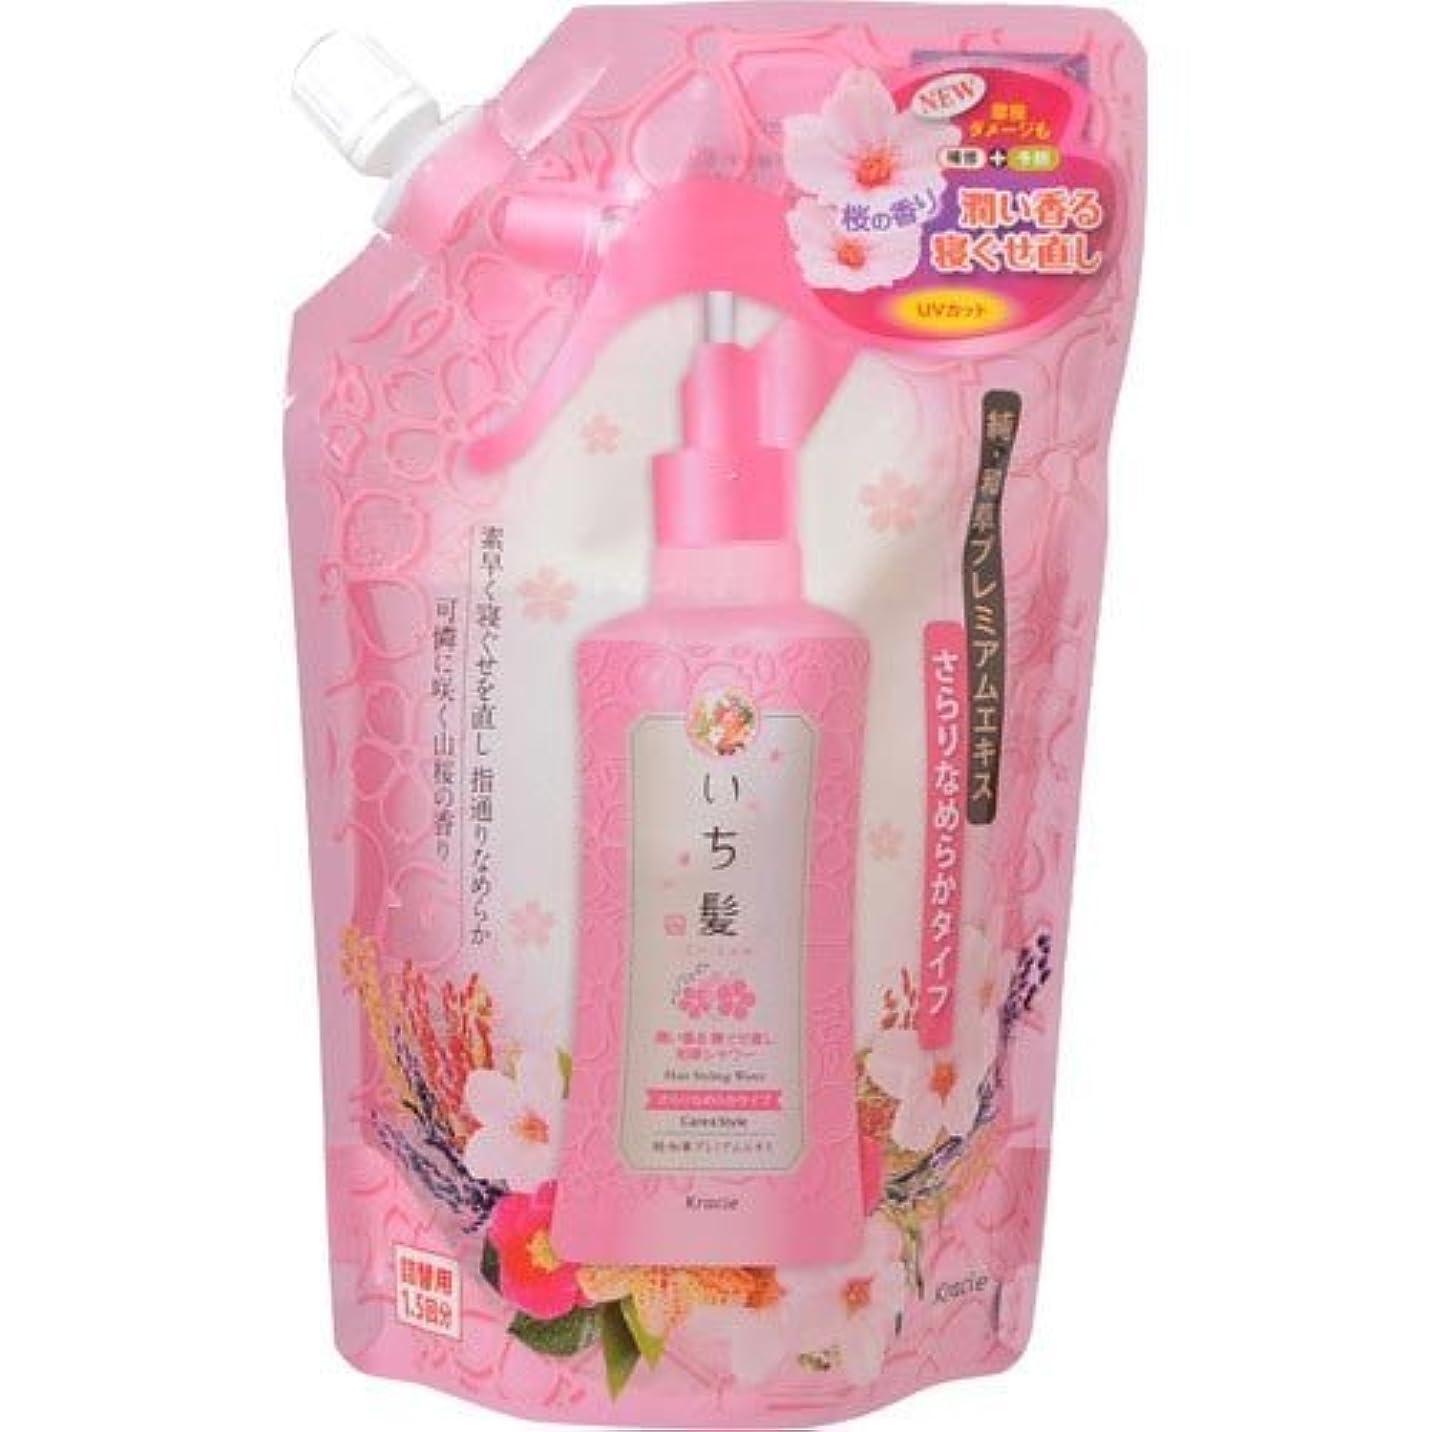 蒸し器ポーン平和的いち髪 潤い香る寝ぐせ直し和草シャワー さらりなめらかタイプ 詰替用 375mL